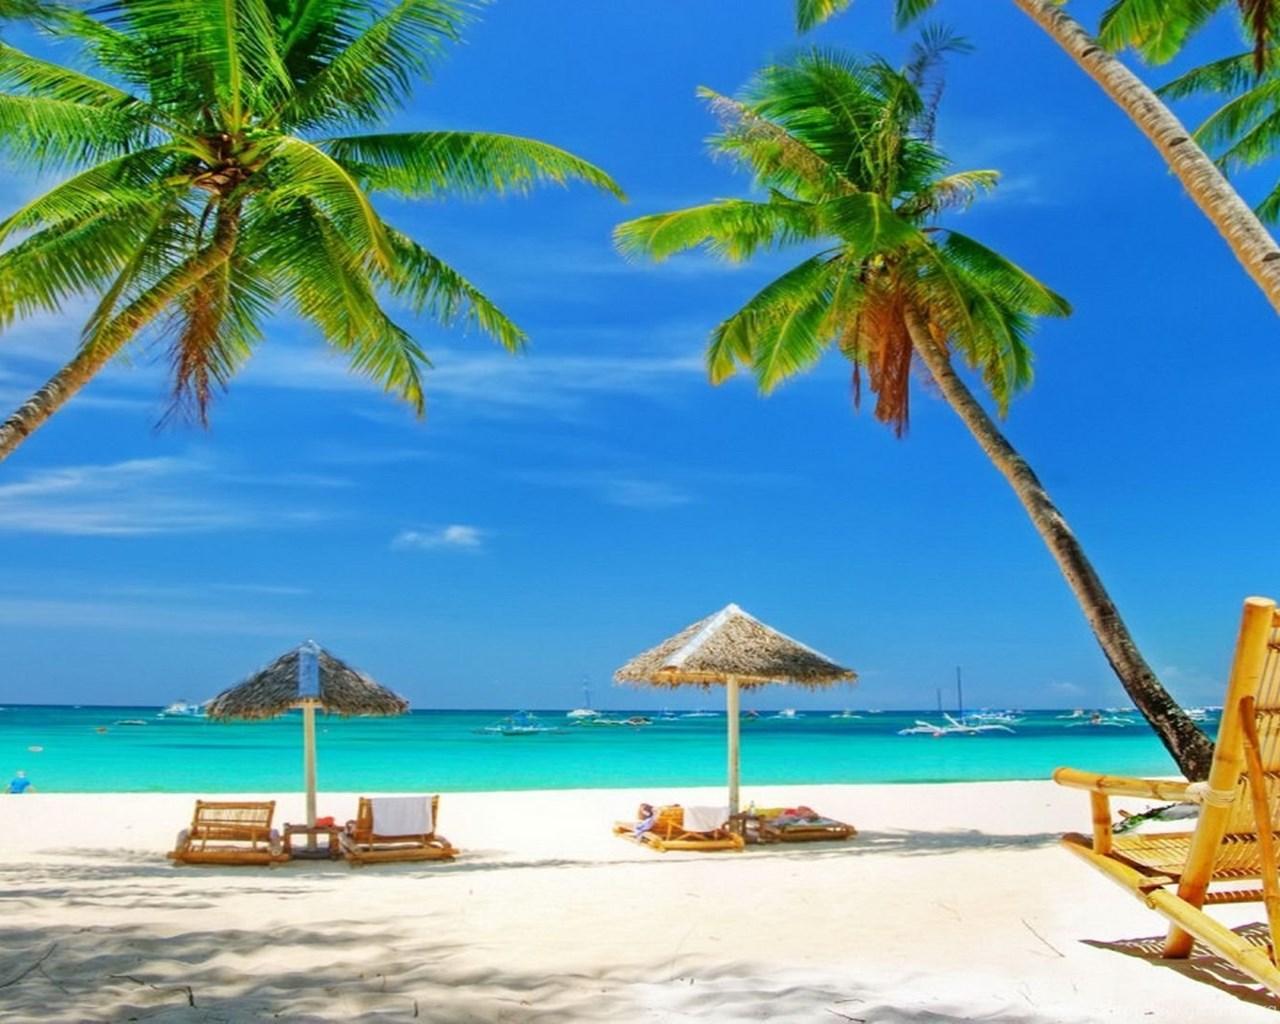 gallery for beach scenes desktop wallpapers desktop background